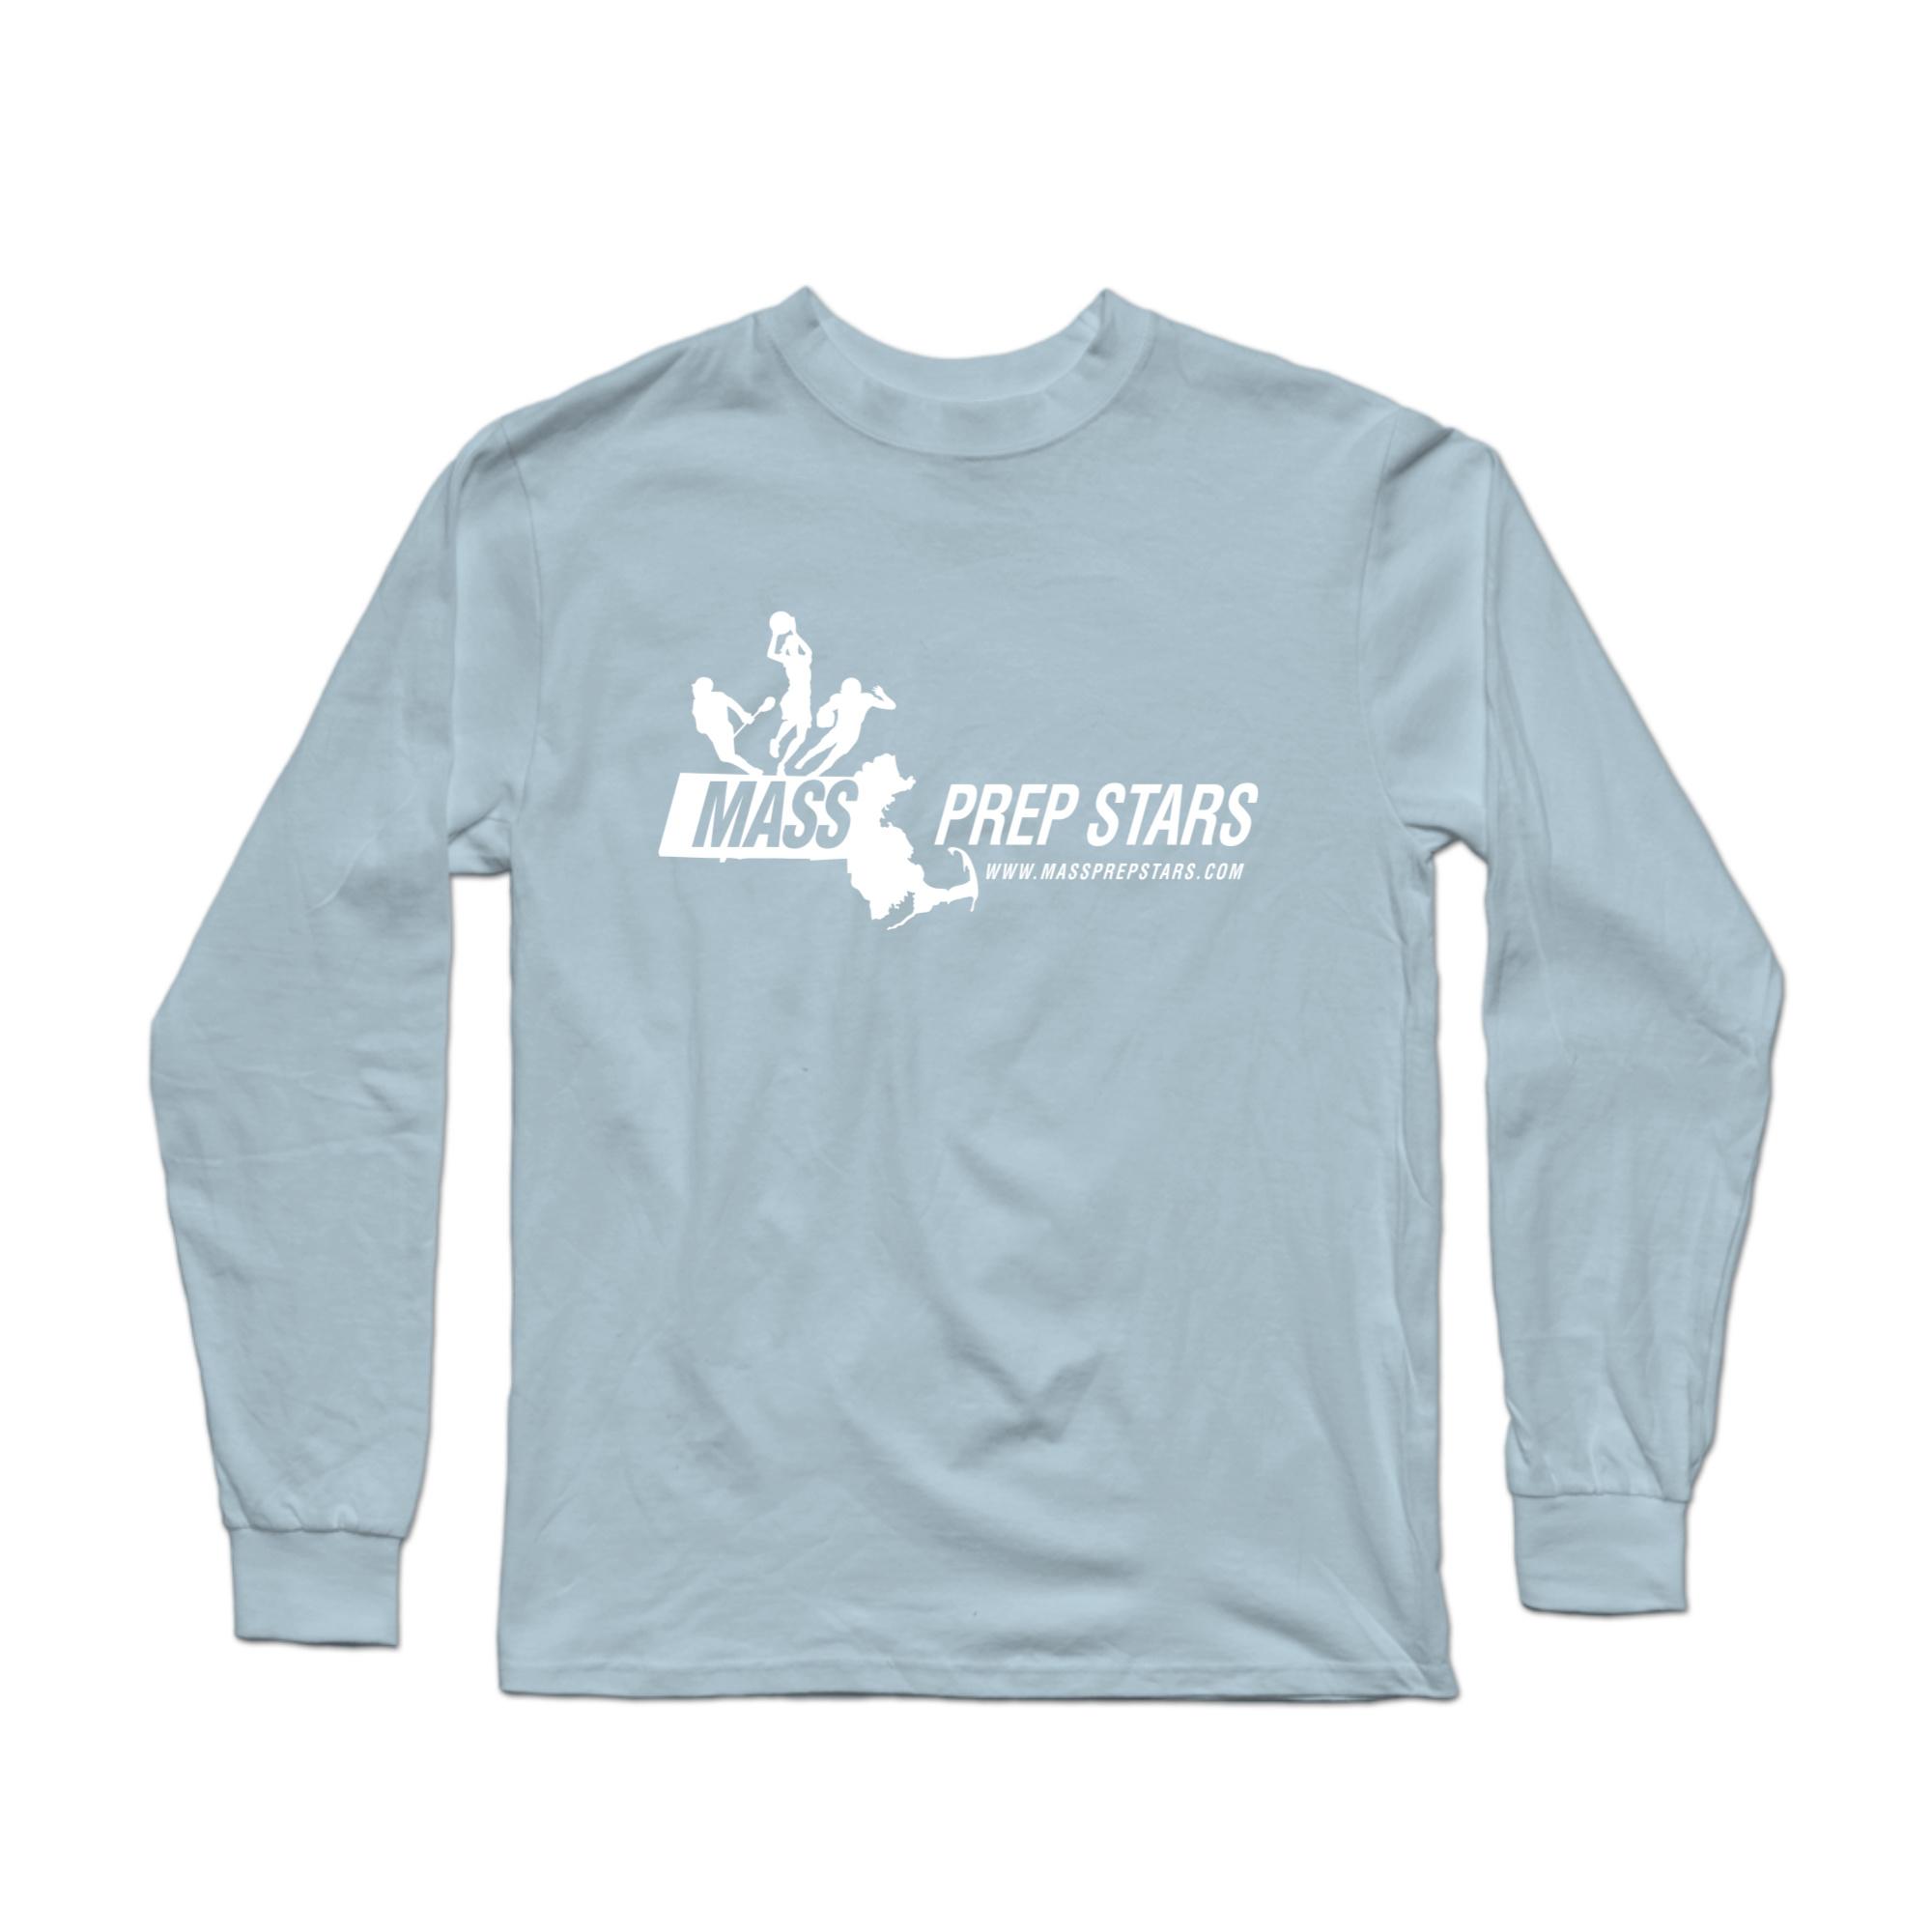 Mass Prep Stars Longsleeve Shirt